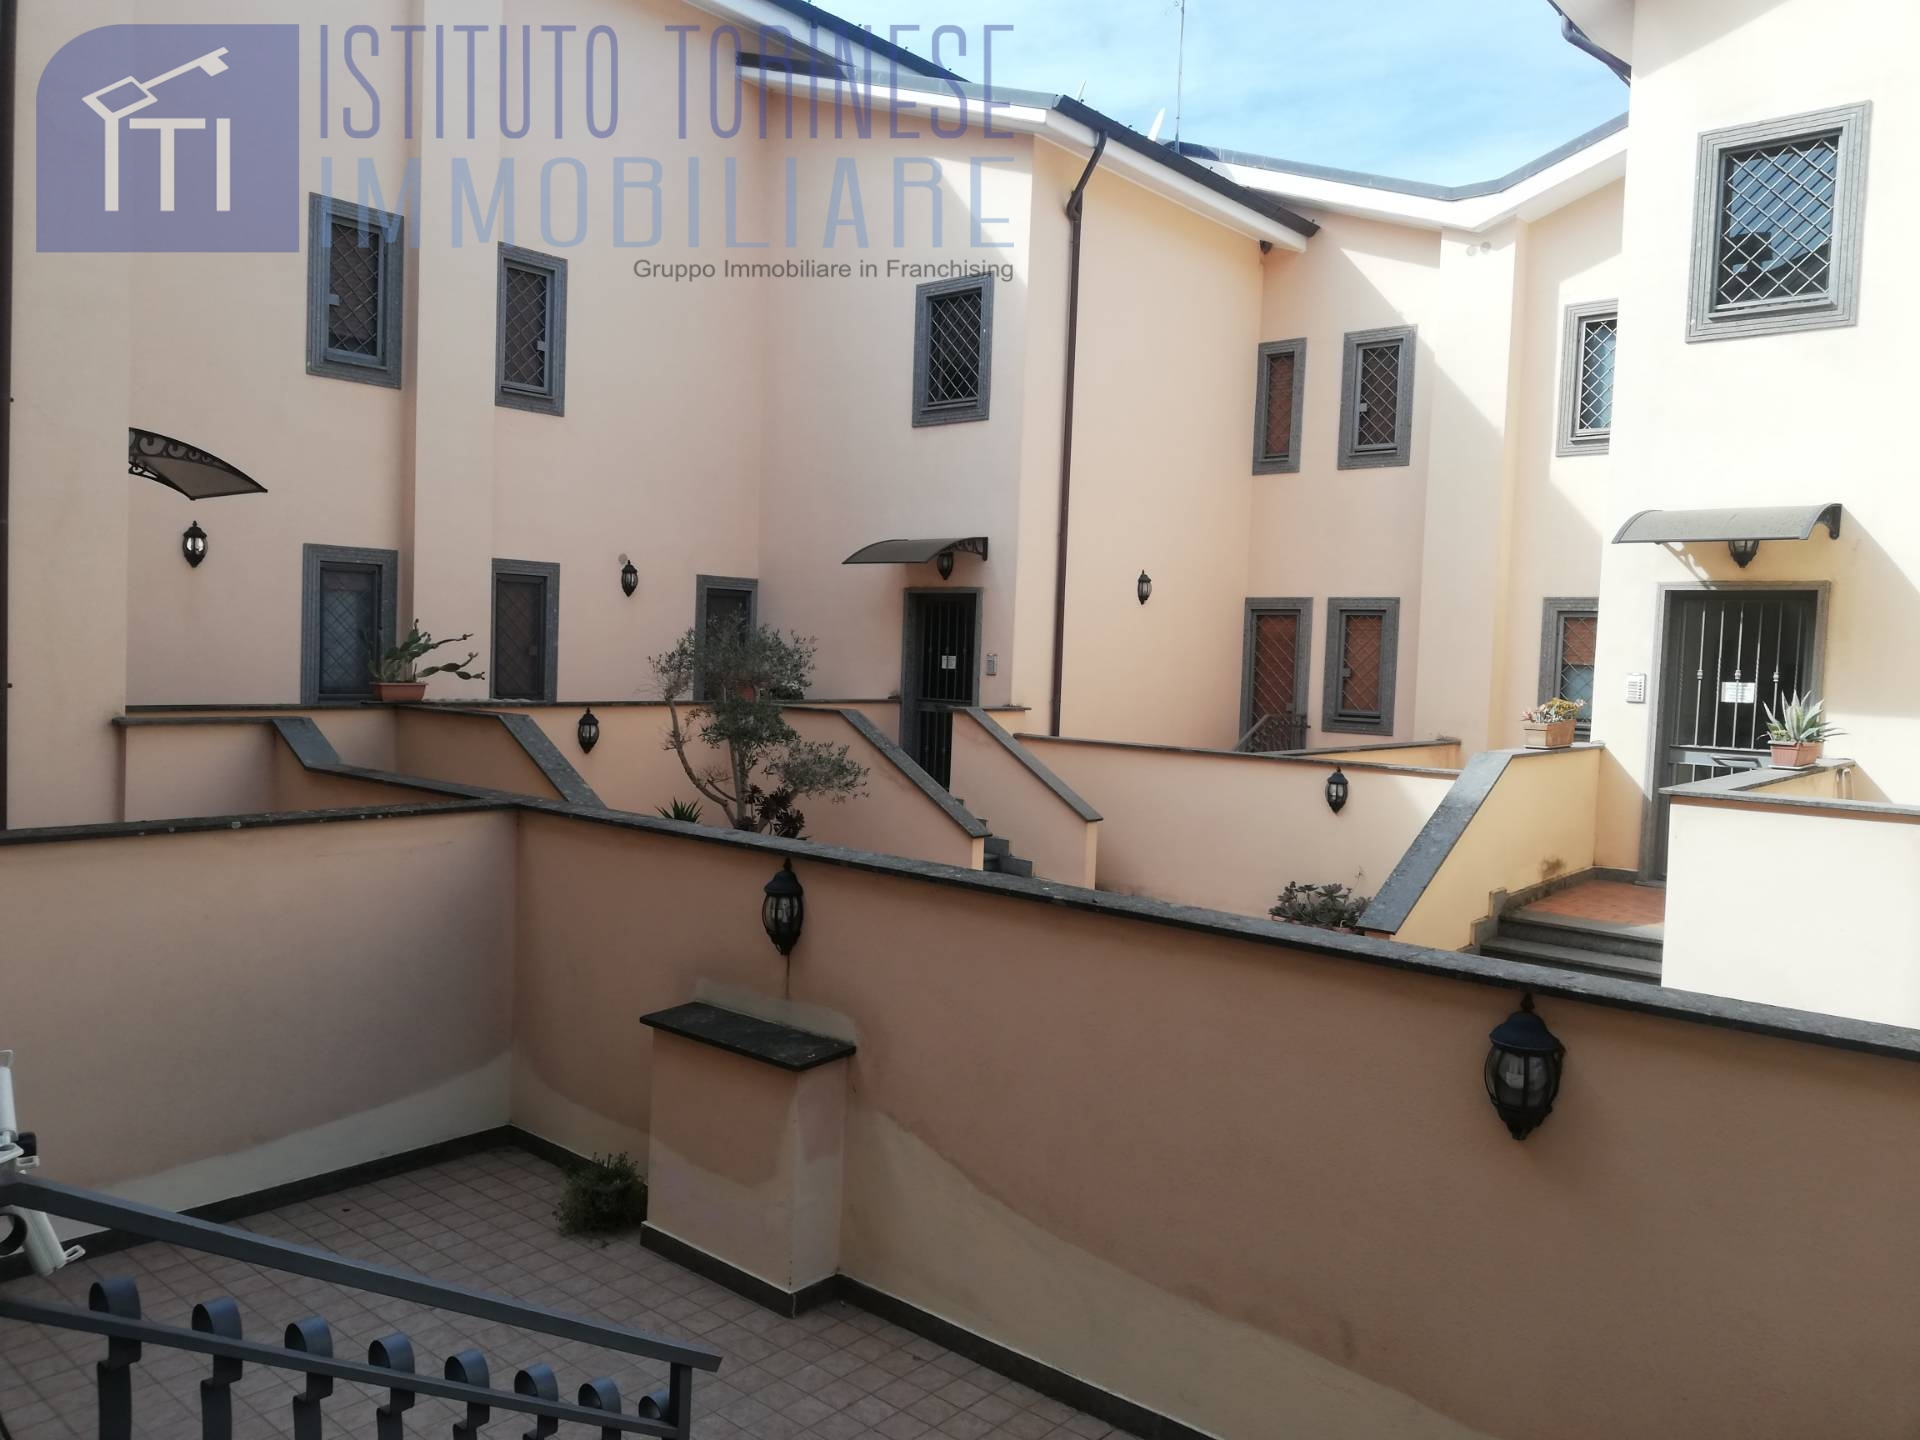 roma affitto quart: infernetto/malafede/madonnetta istituto-torinese-immobiliare